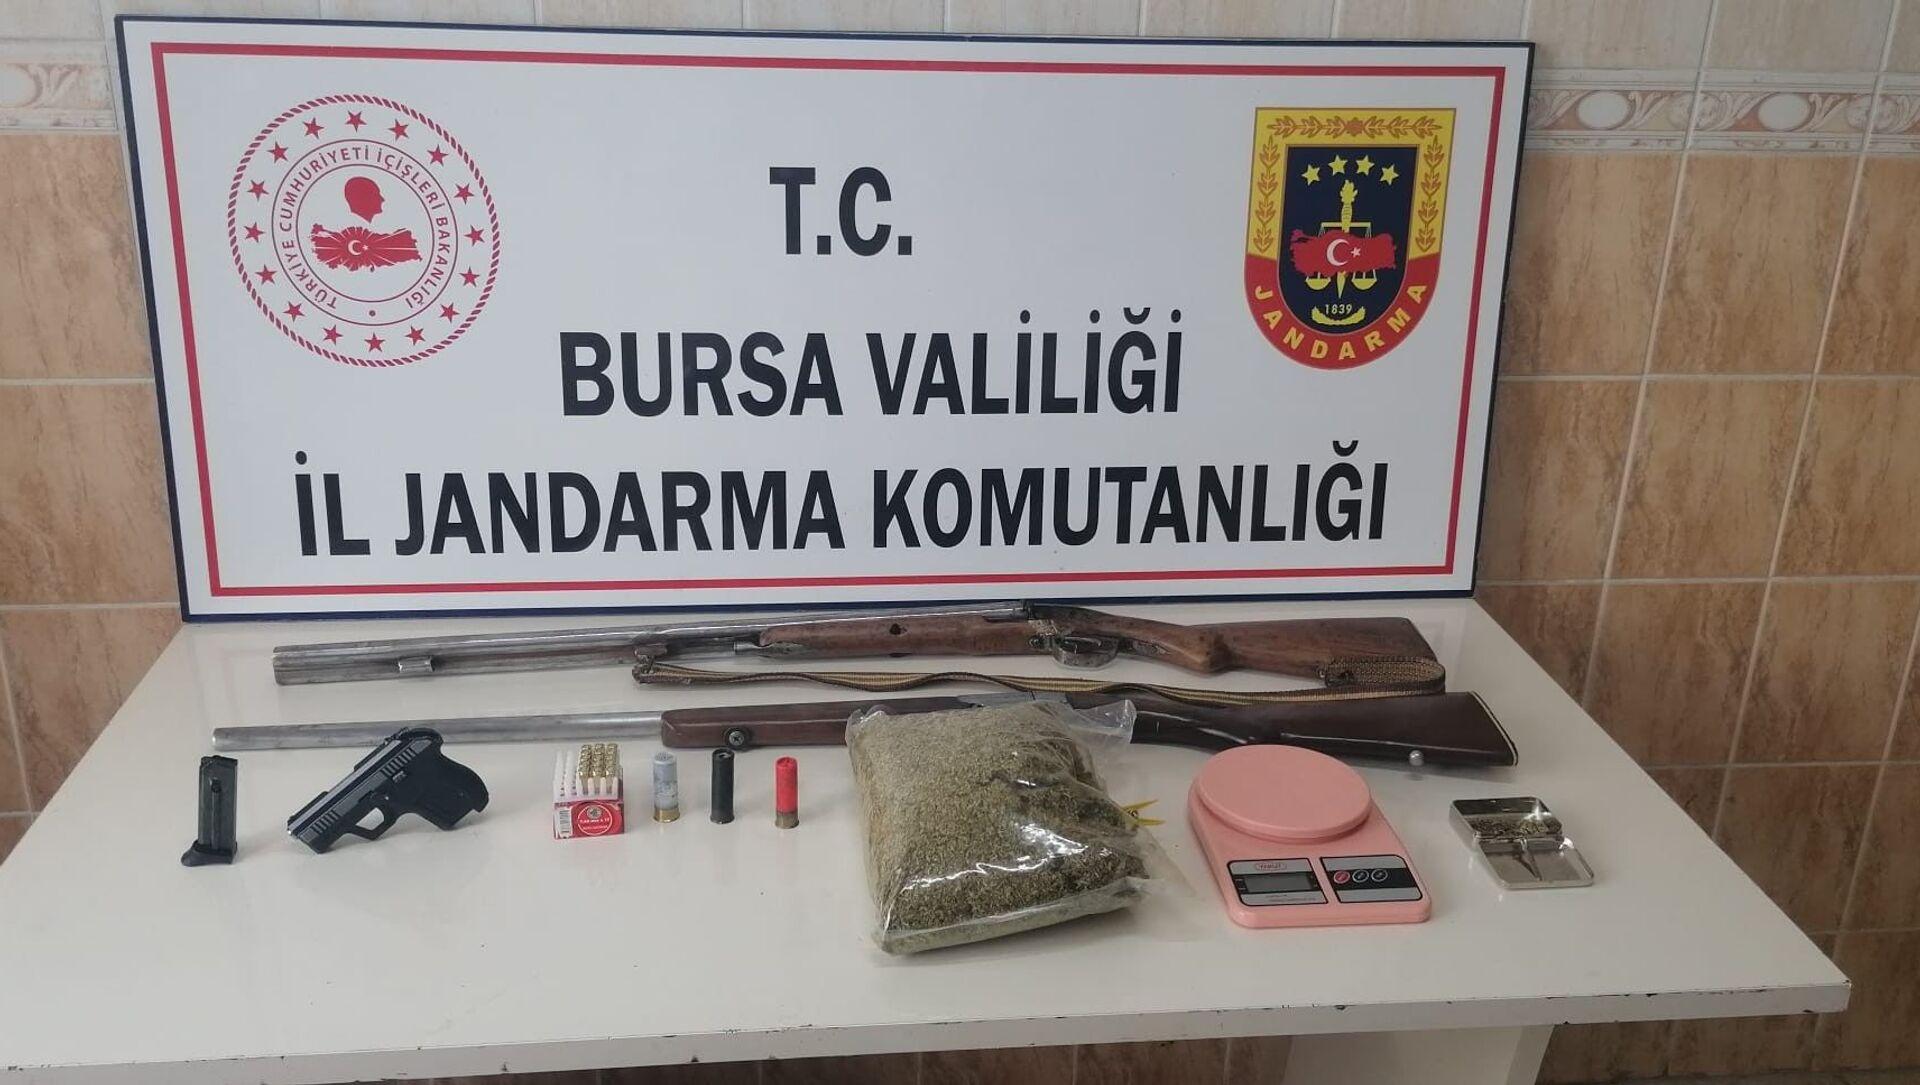 Jandarmadan uyuşturucu partisi yapılan iki adrese baskın - Sputnik Türkiye, 1920, 05.07.2021